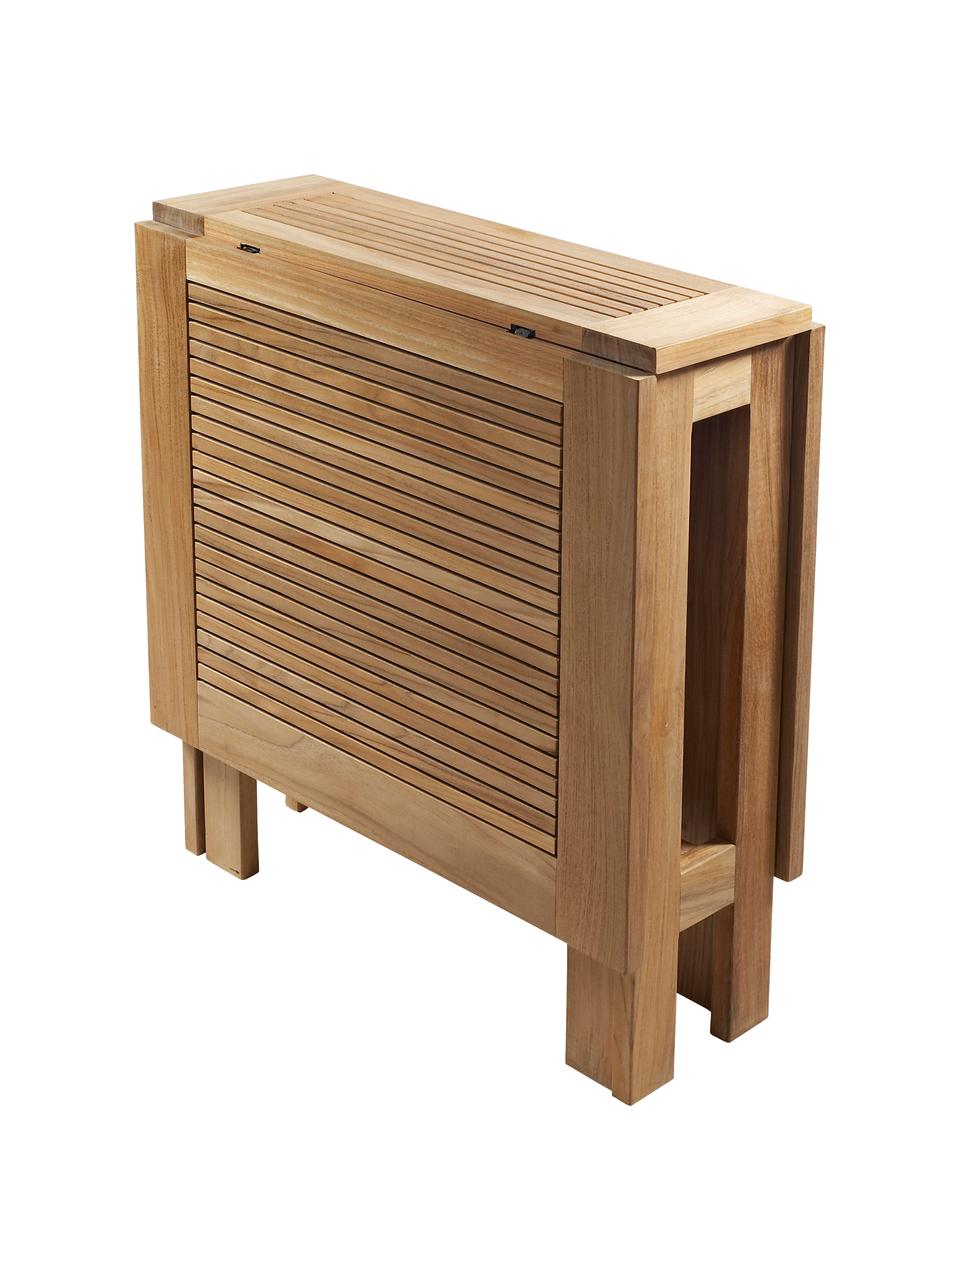 Tavolo pieghevole da giardino Butterfly, Legno di teak, sabbiato Possiede certificato V-legal, Teak, Larg. 130 x Alt. 72 cm